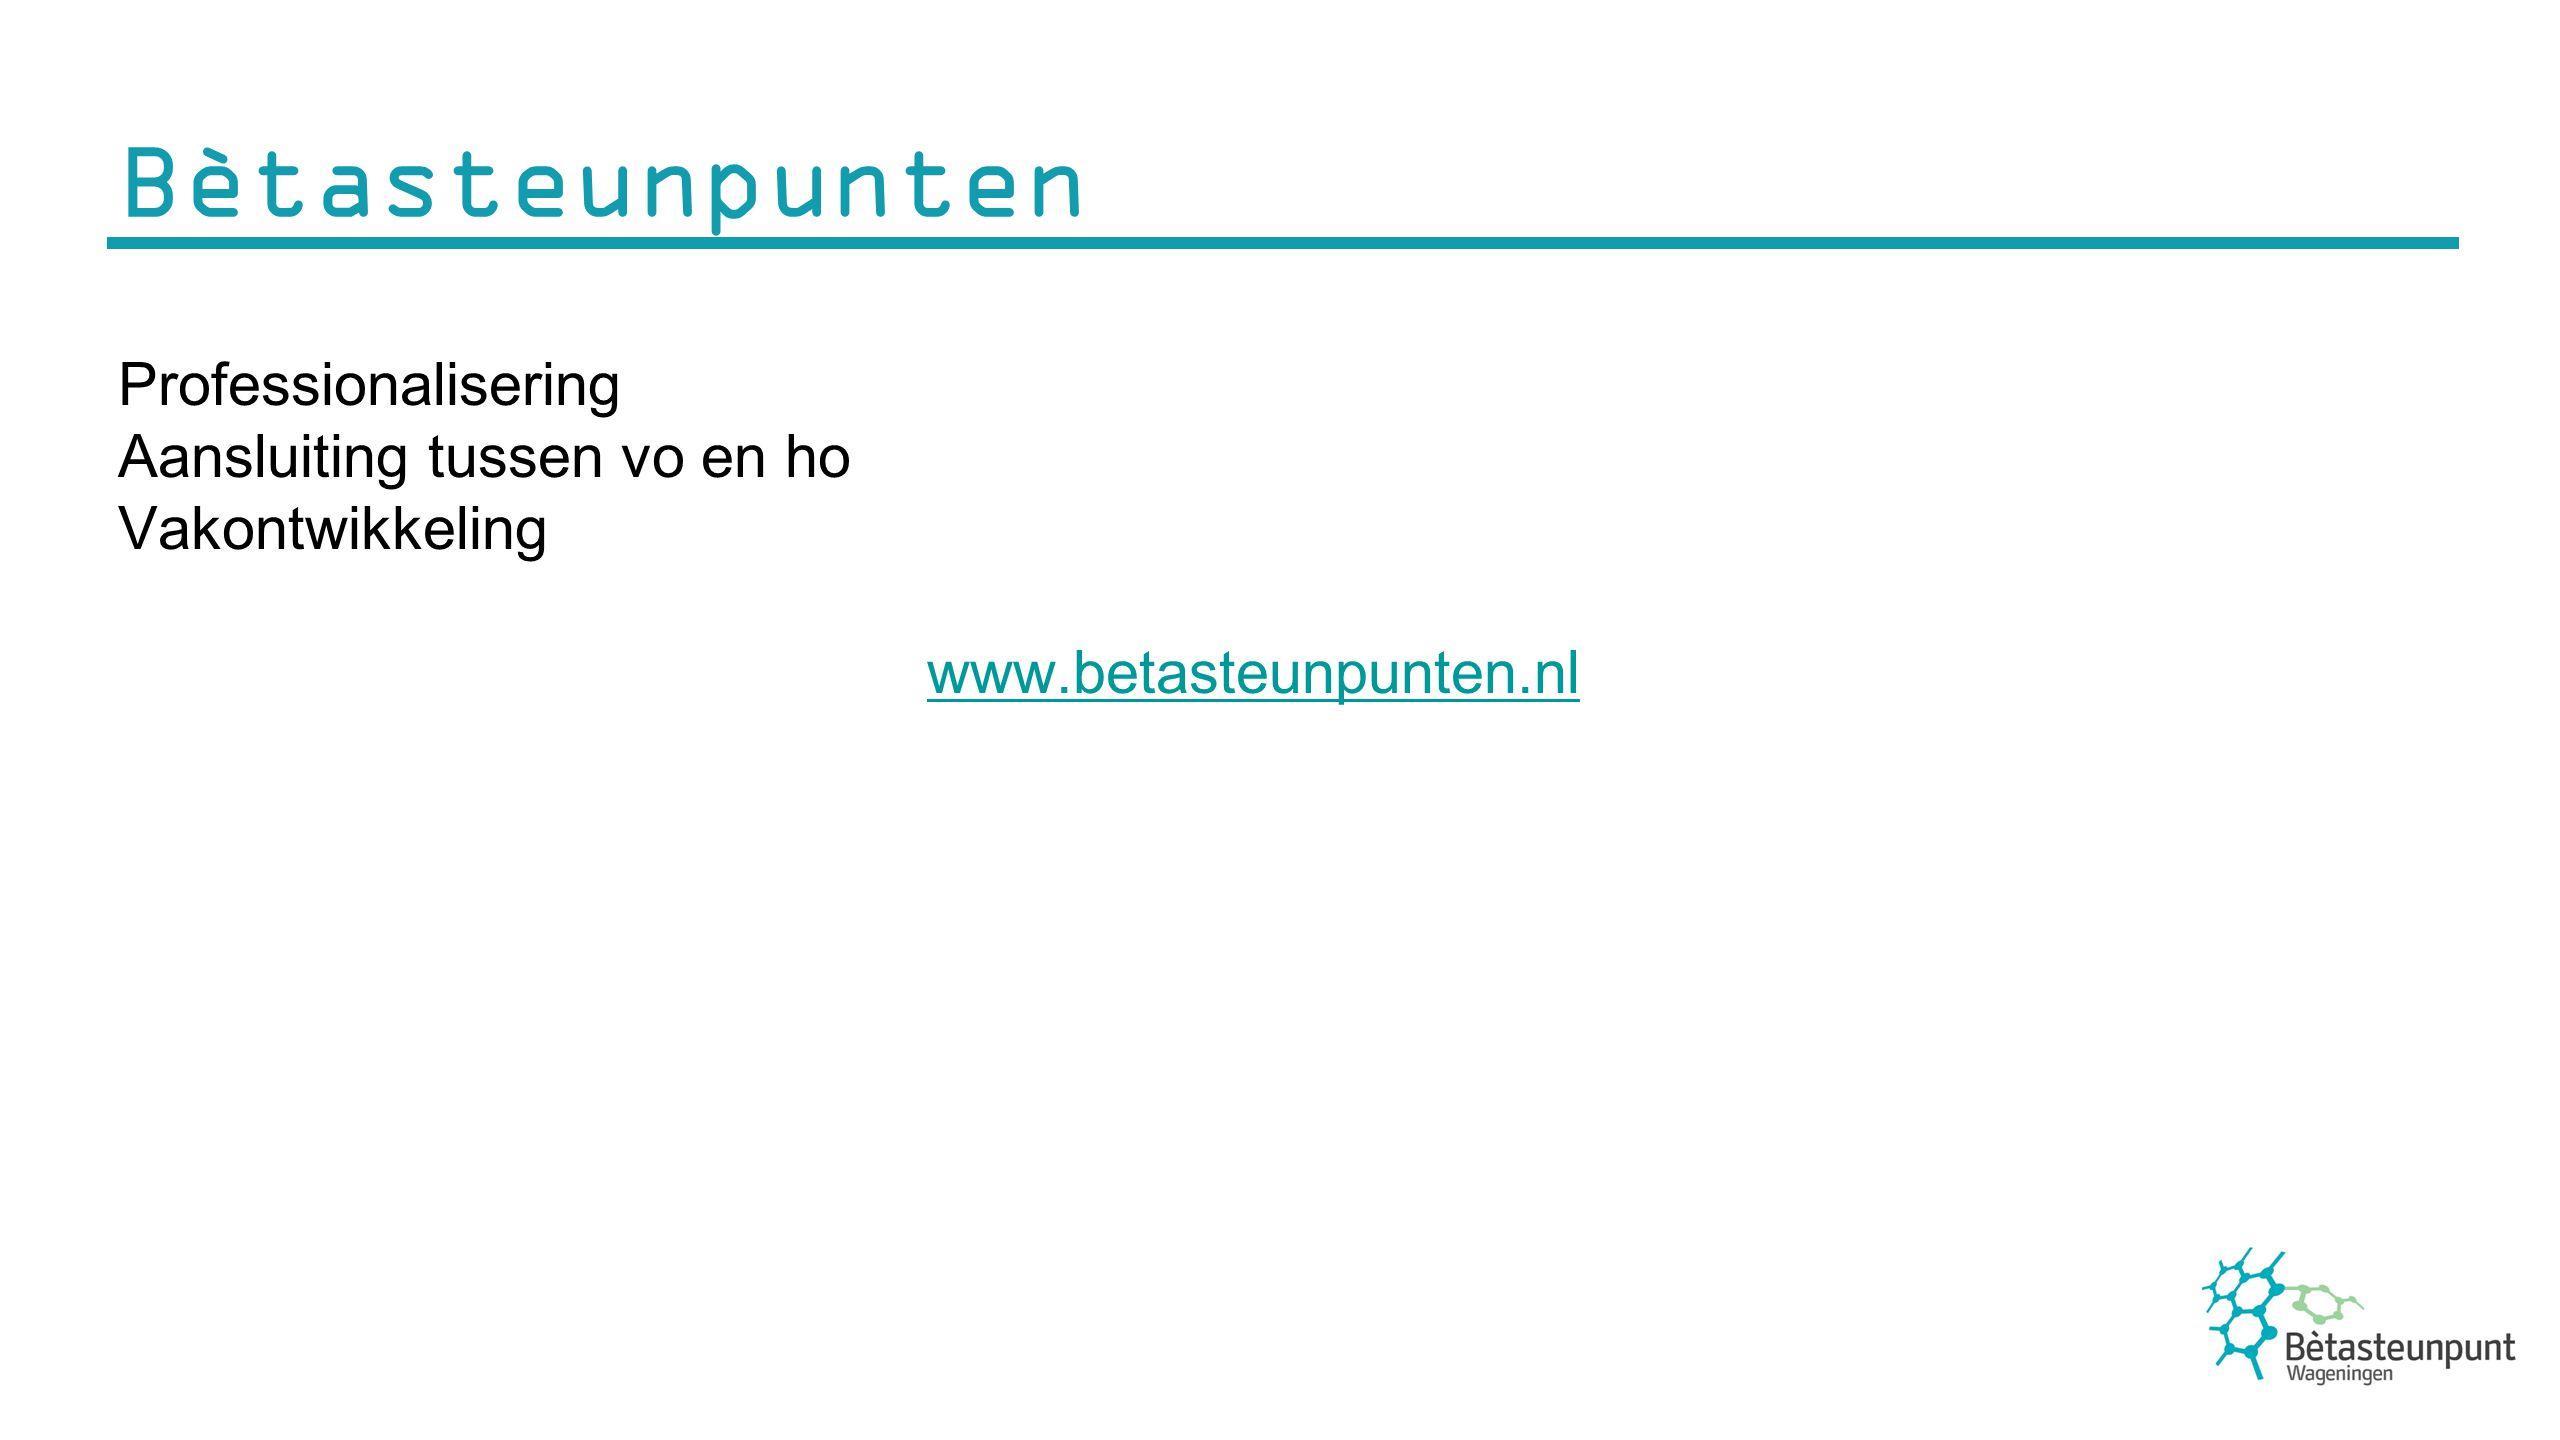 Bètasteunpunten Professionalisering Aansluiting tussen vo en ho Vakontwikkeling www.betasteunpunten.nl